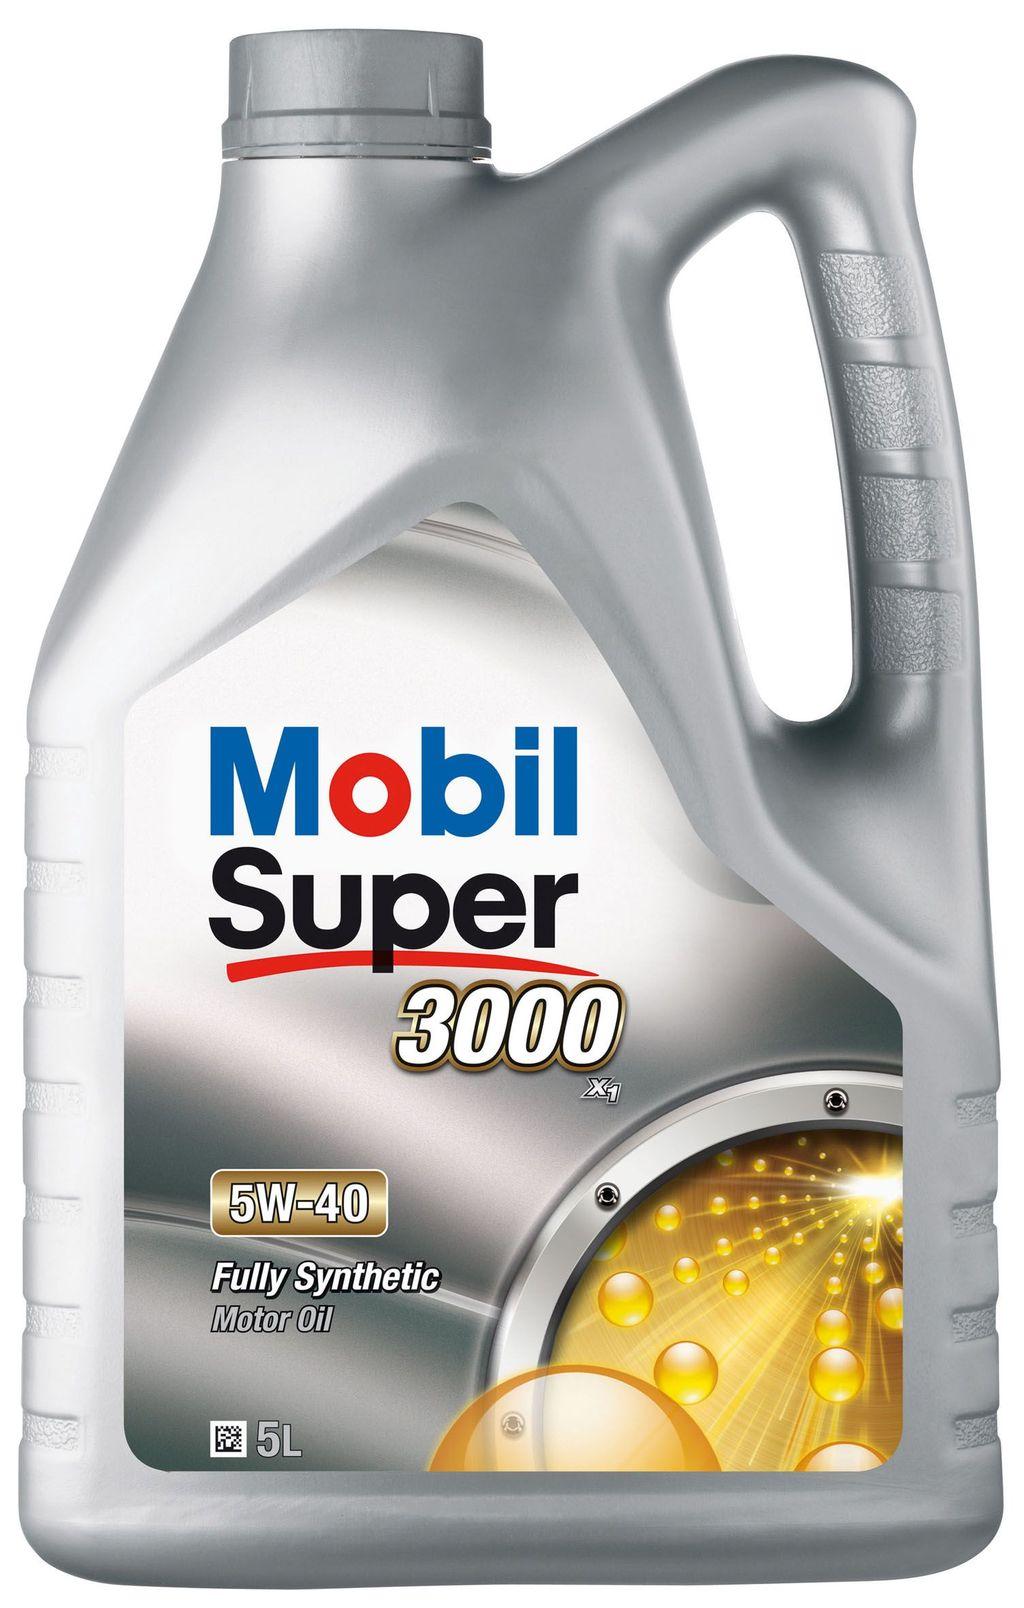 Huile moteur mobil super 3000 5w40 151166 5 litres - mobil